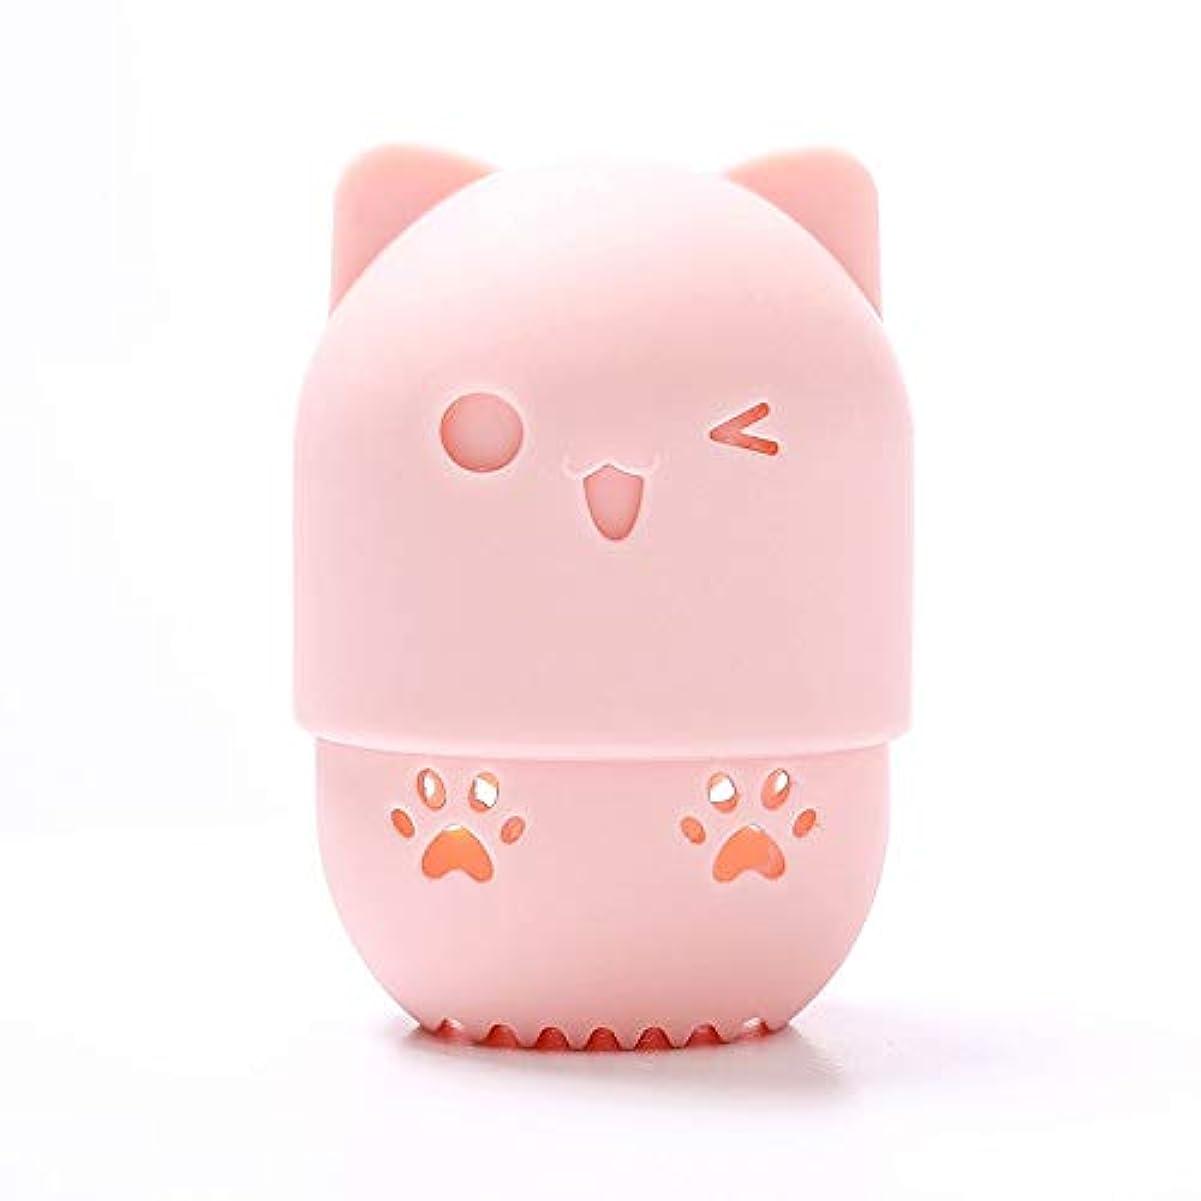 ピラミッドピラミッド哀スポンジパフ収納ボックス ,可愛い通気性を柔らか美容スポンジ シリコン旅行 キャリングケース、あらゆる化粧スポンジ適用 (ピンク)